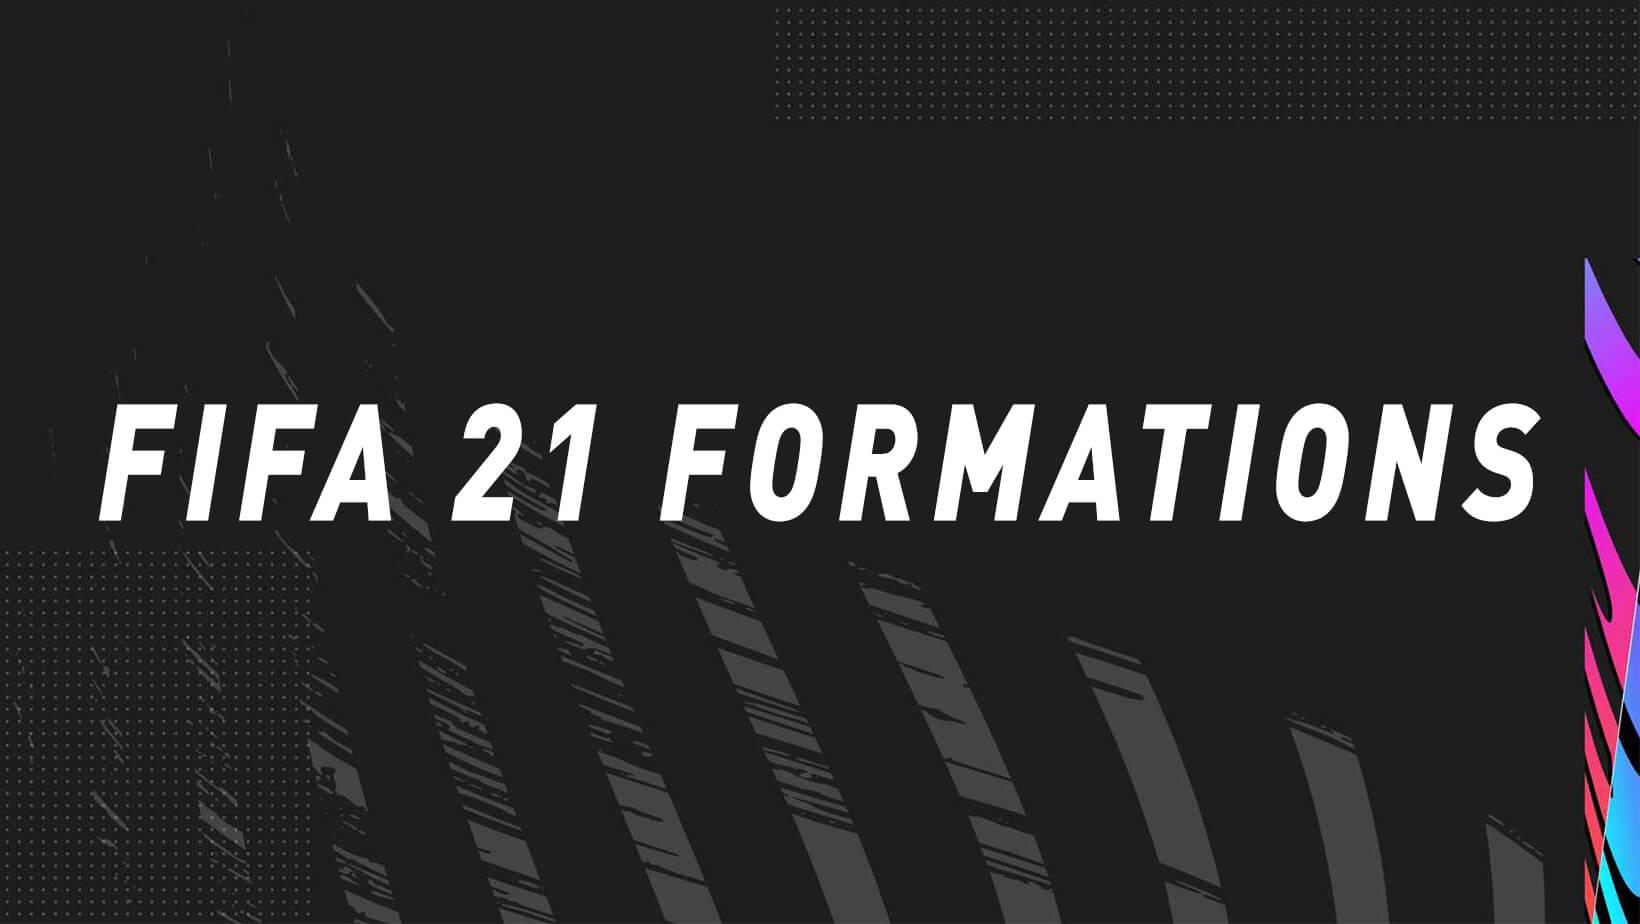 FIFA 21 Formations.jpg